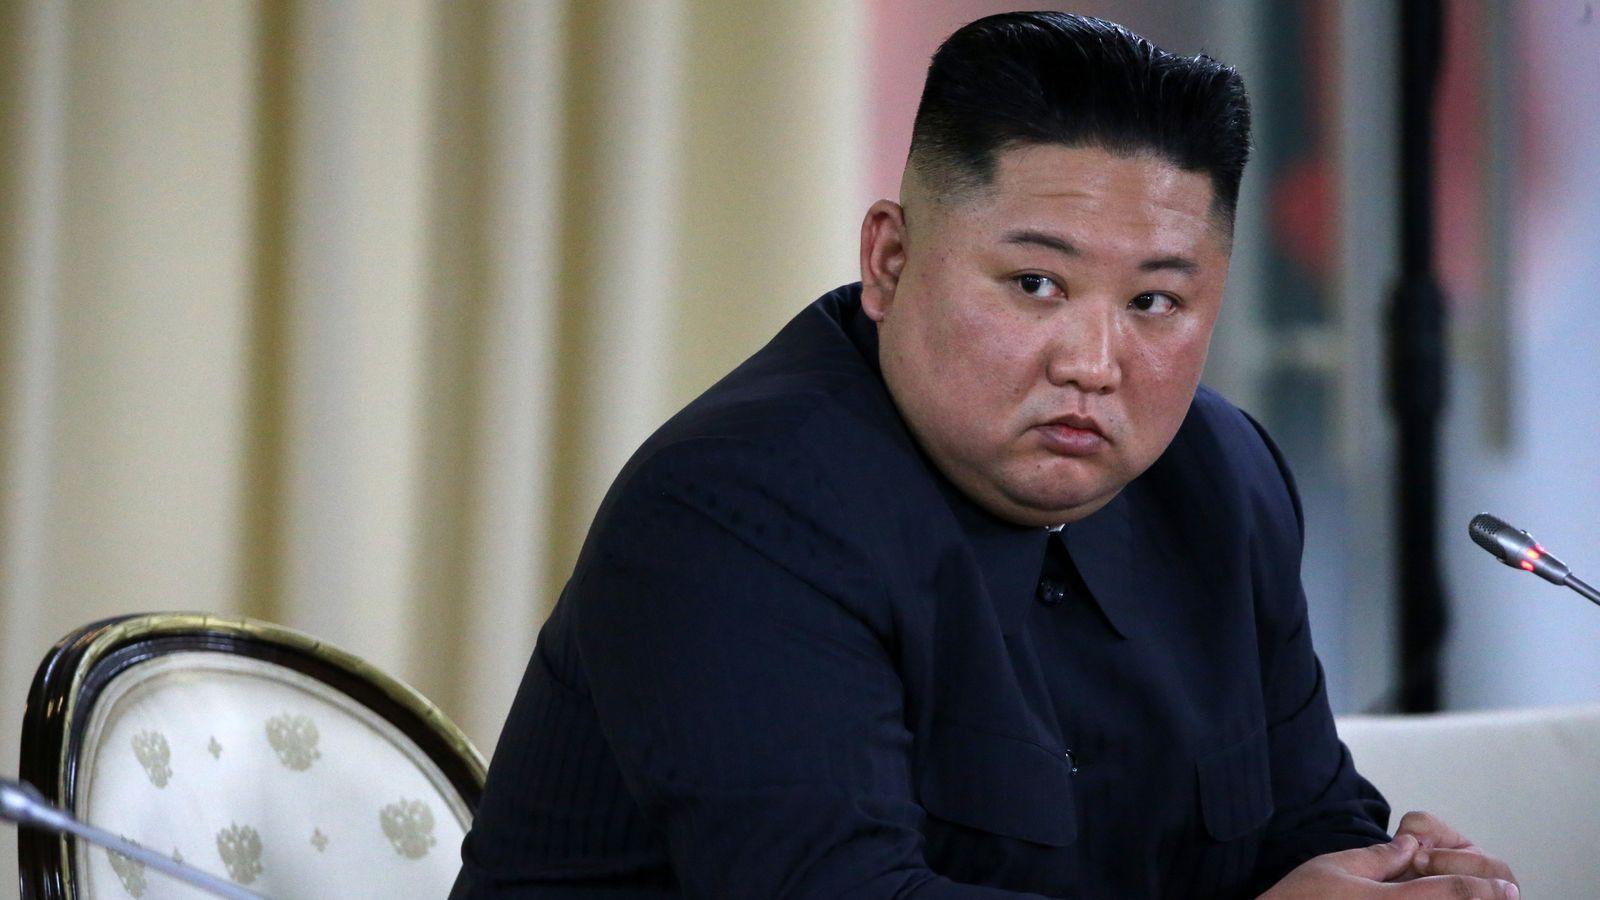 برداشته شدن مجسمه ها و تصاویر رهبران کره شمالی و باز هم شایعه مرگ کیم جونگ اون